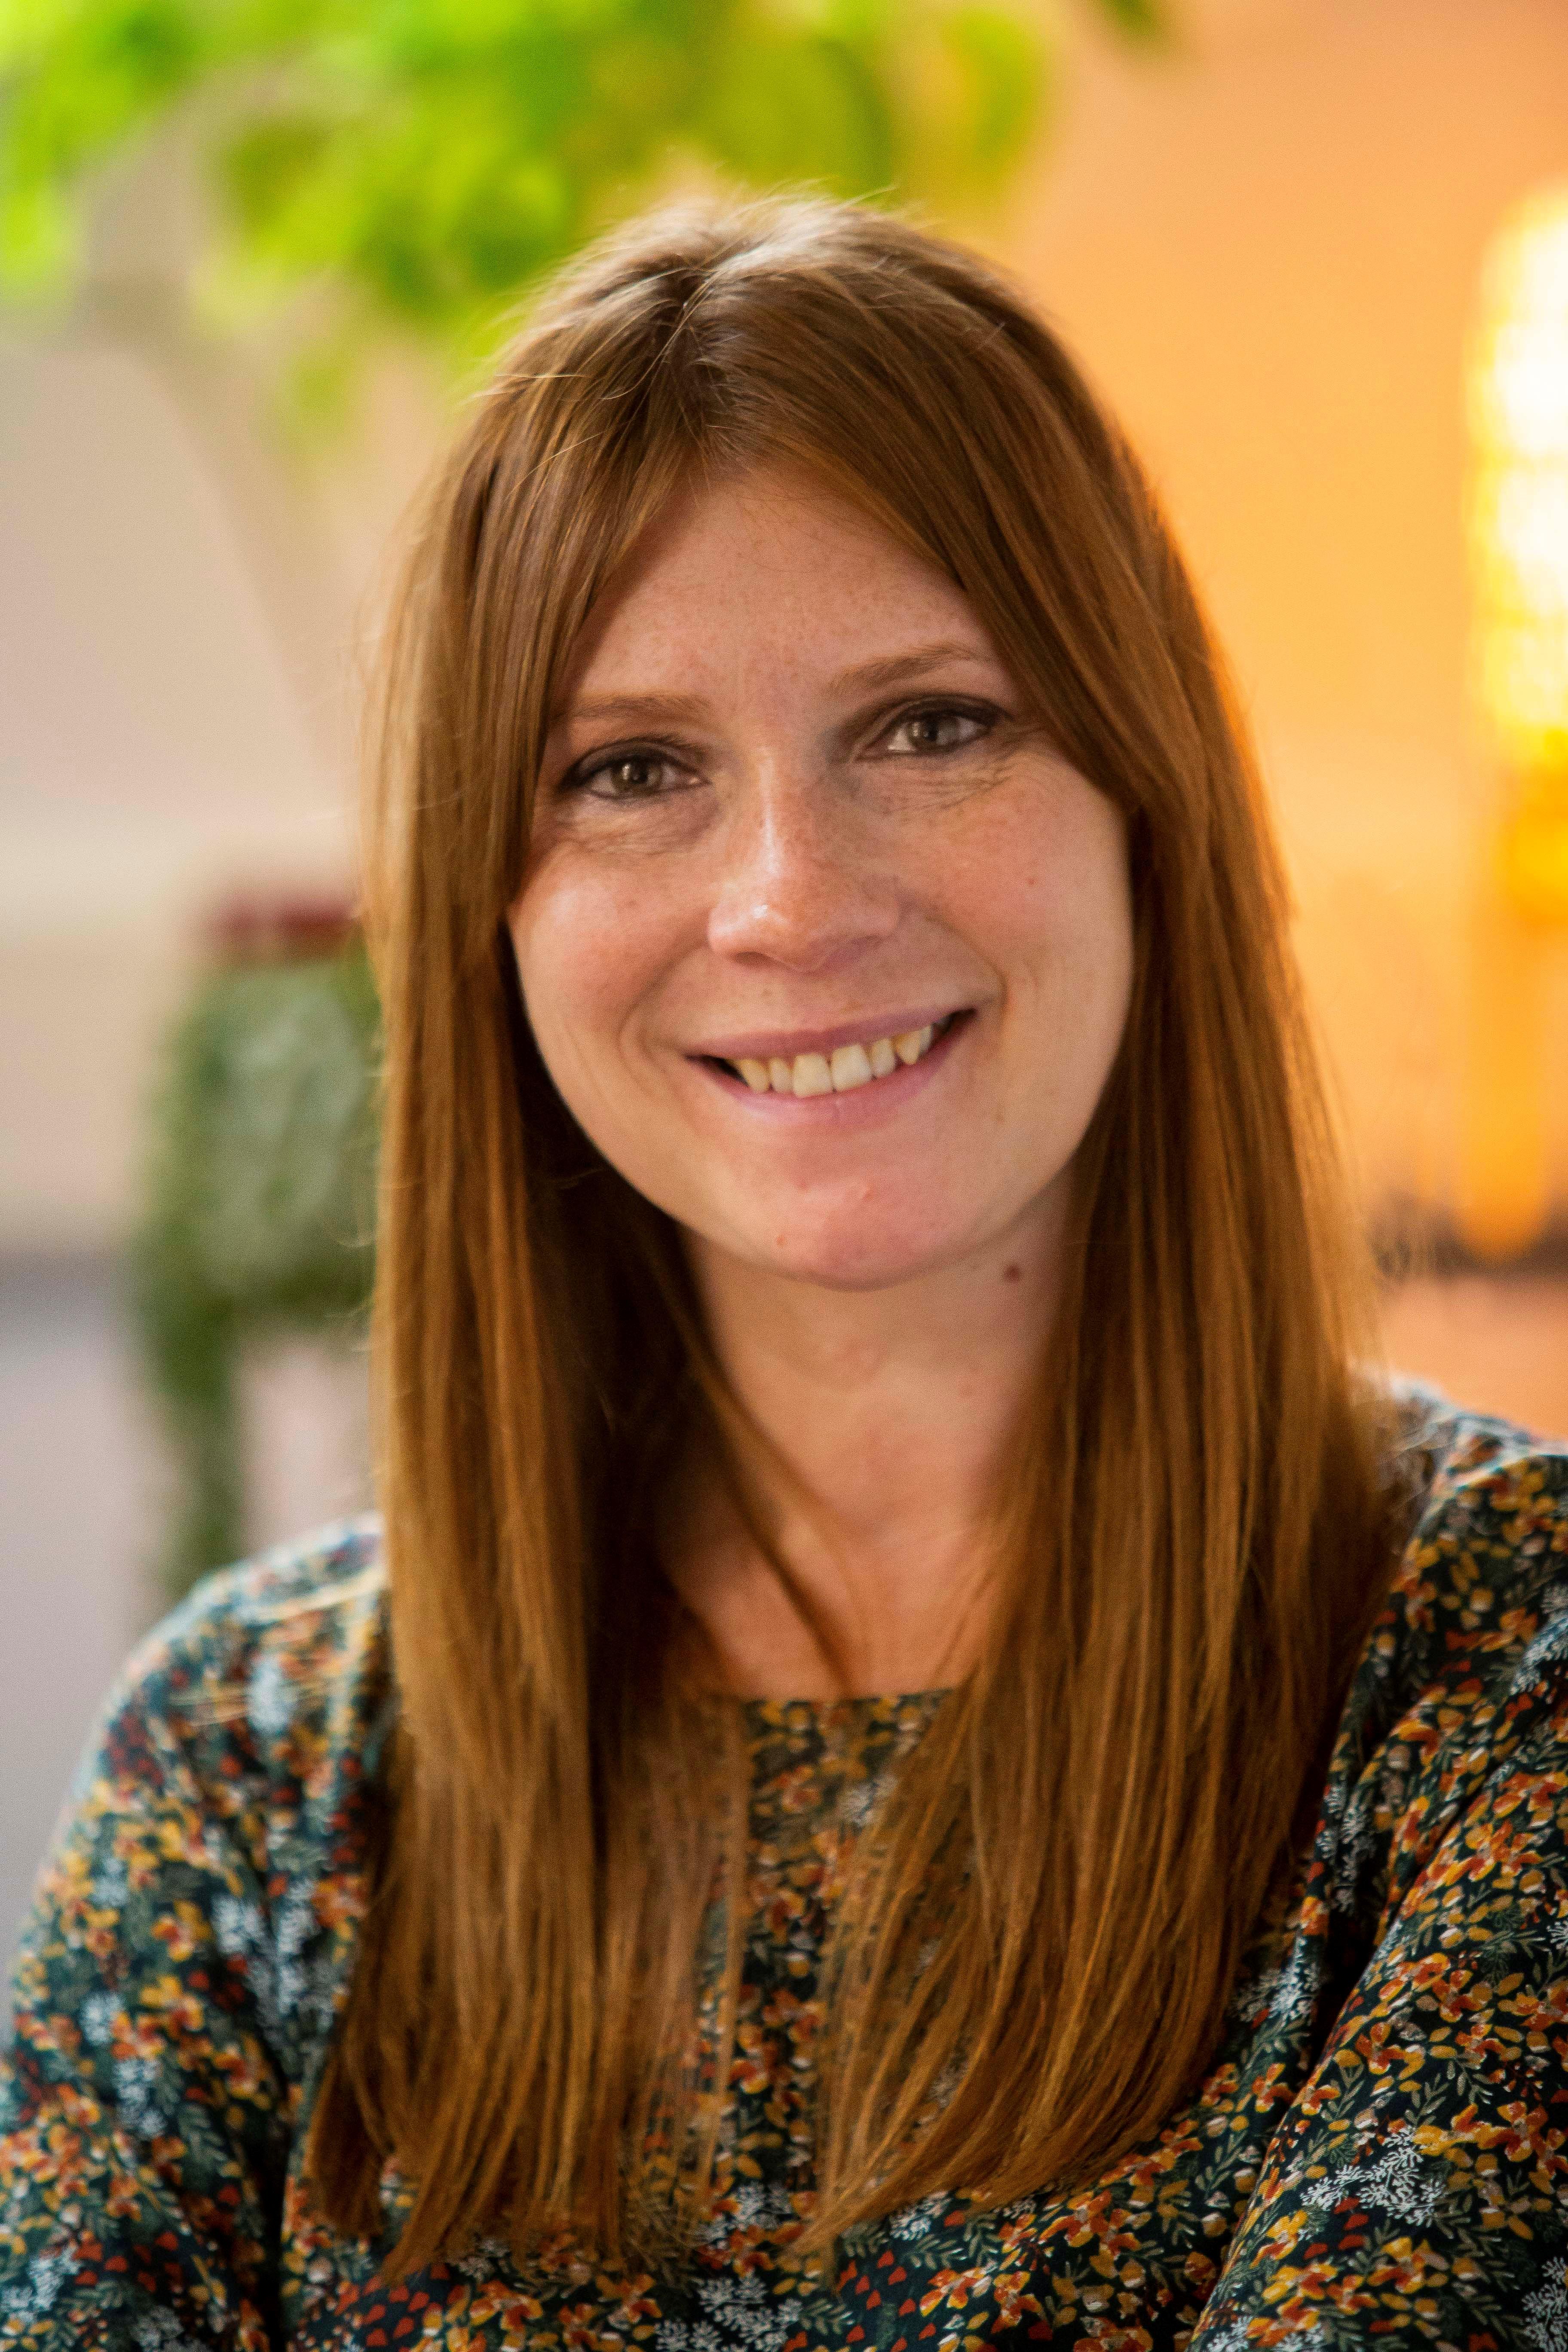 Charlotte Walton